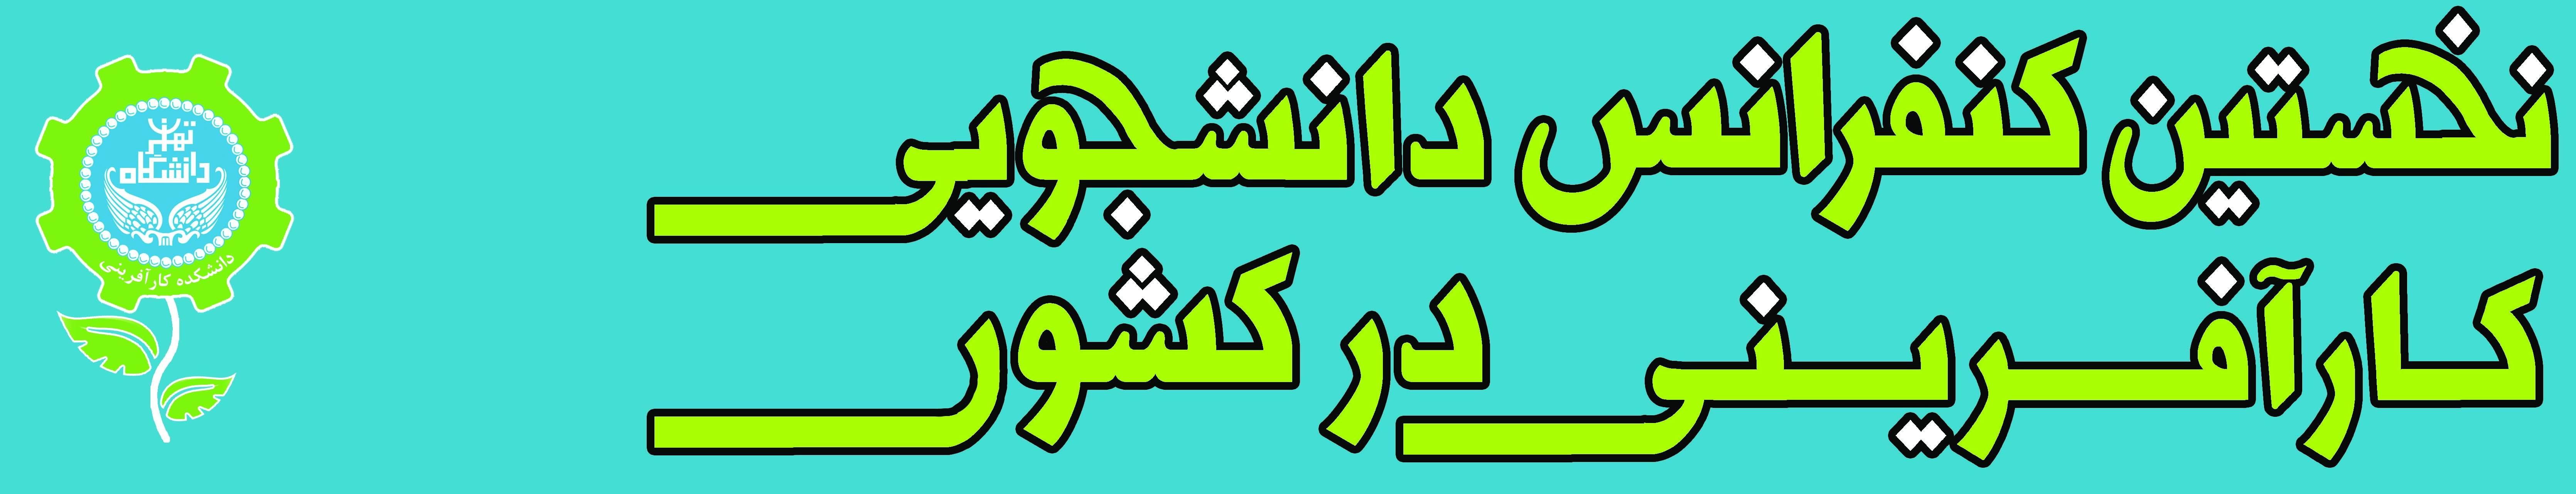 چهارمین کنفرانس ملی دانشجویی کارآفرینی -۲۸ بهمن ماه ۱۳۹۳ برگزارکننده دانشگاه علم و فرهنگ